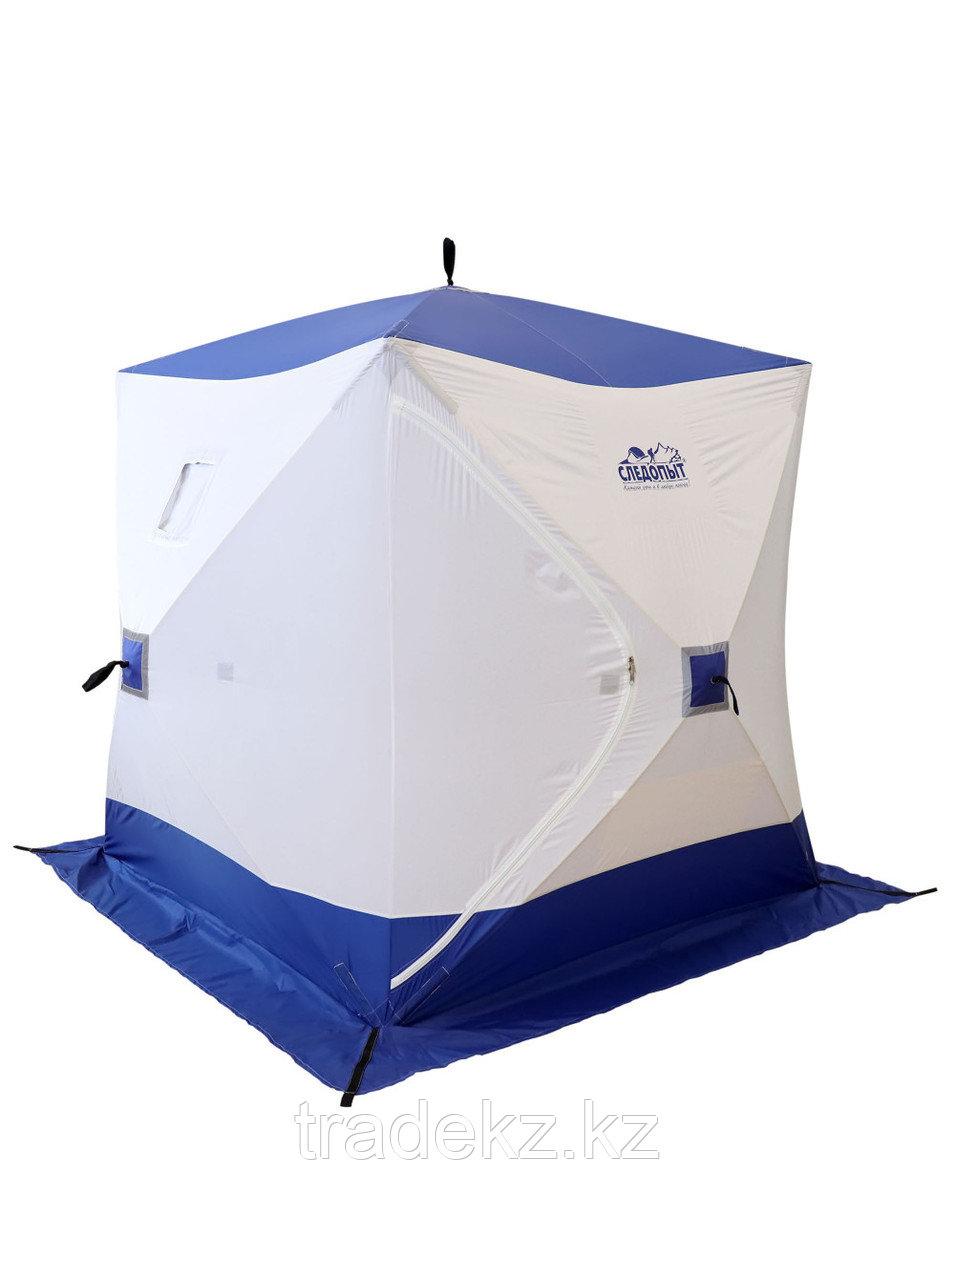 Палатка для зимней рыбалки PF-TW-04 Куб Следопыт 1,8х1,8 OXFORD 240D PU 1000